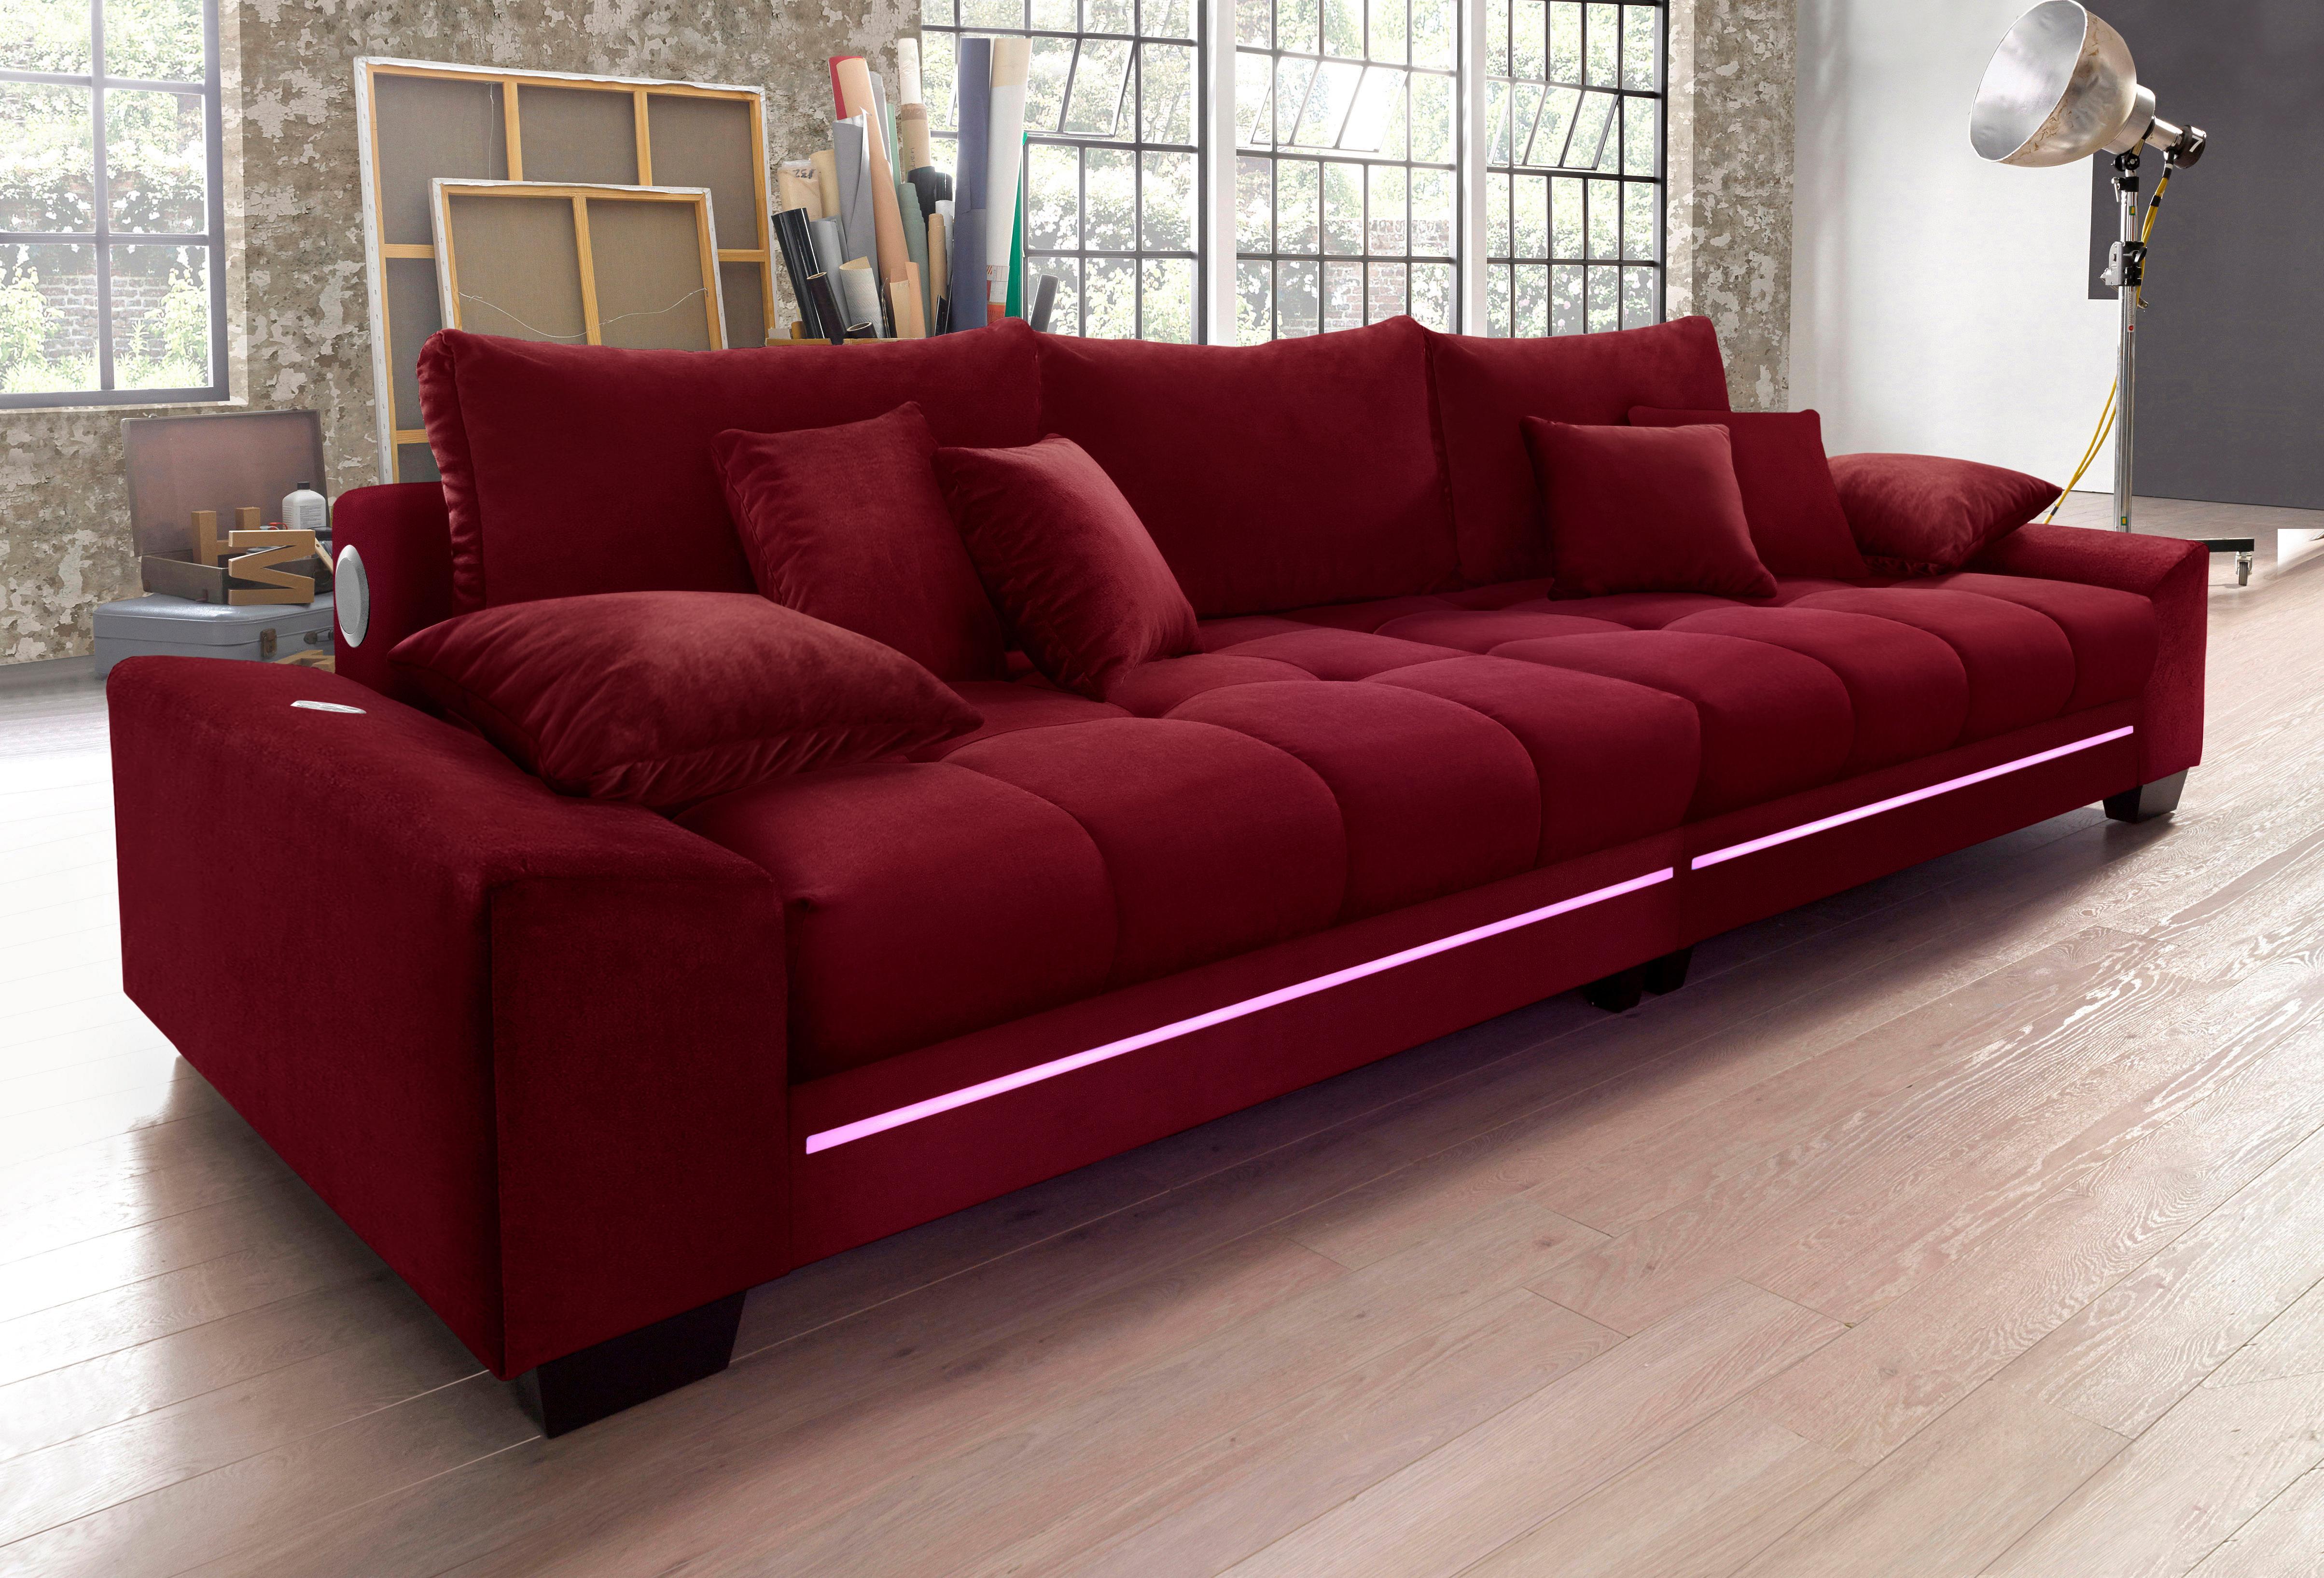 nova via big sofa bestellen baur. Black Bedroom Furniture Sets. Home Design Ideas